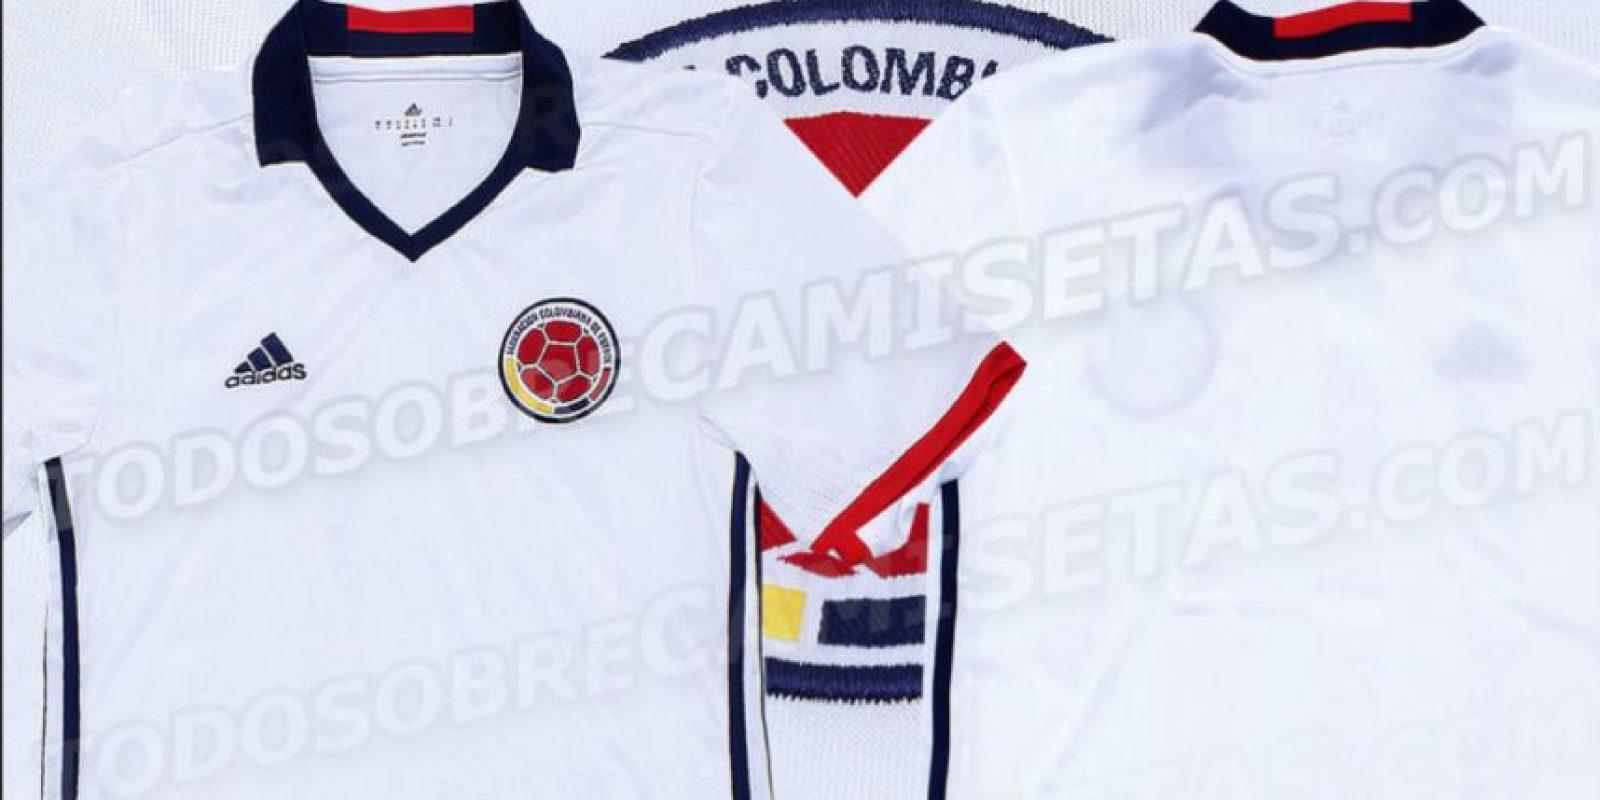 d80edb552 Ya hay fotos de la camiseta blanca de Colombia para 2016 ...